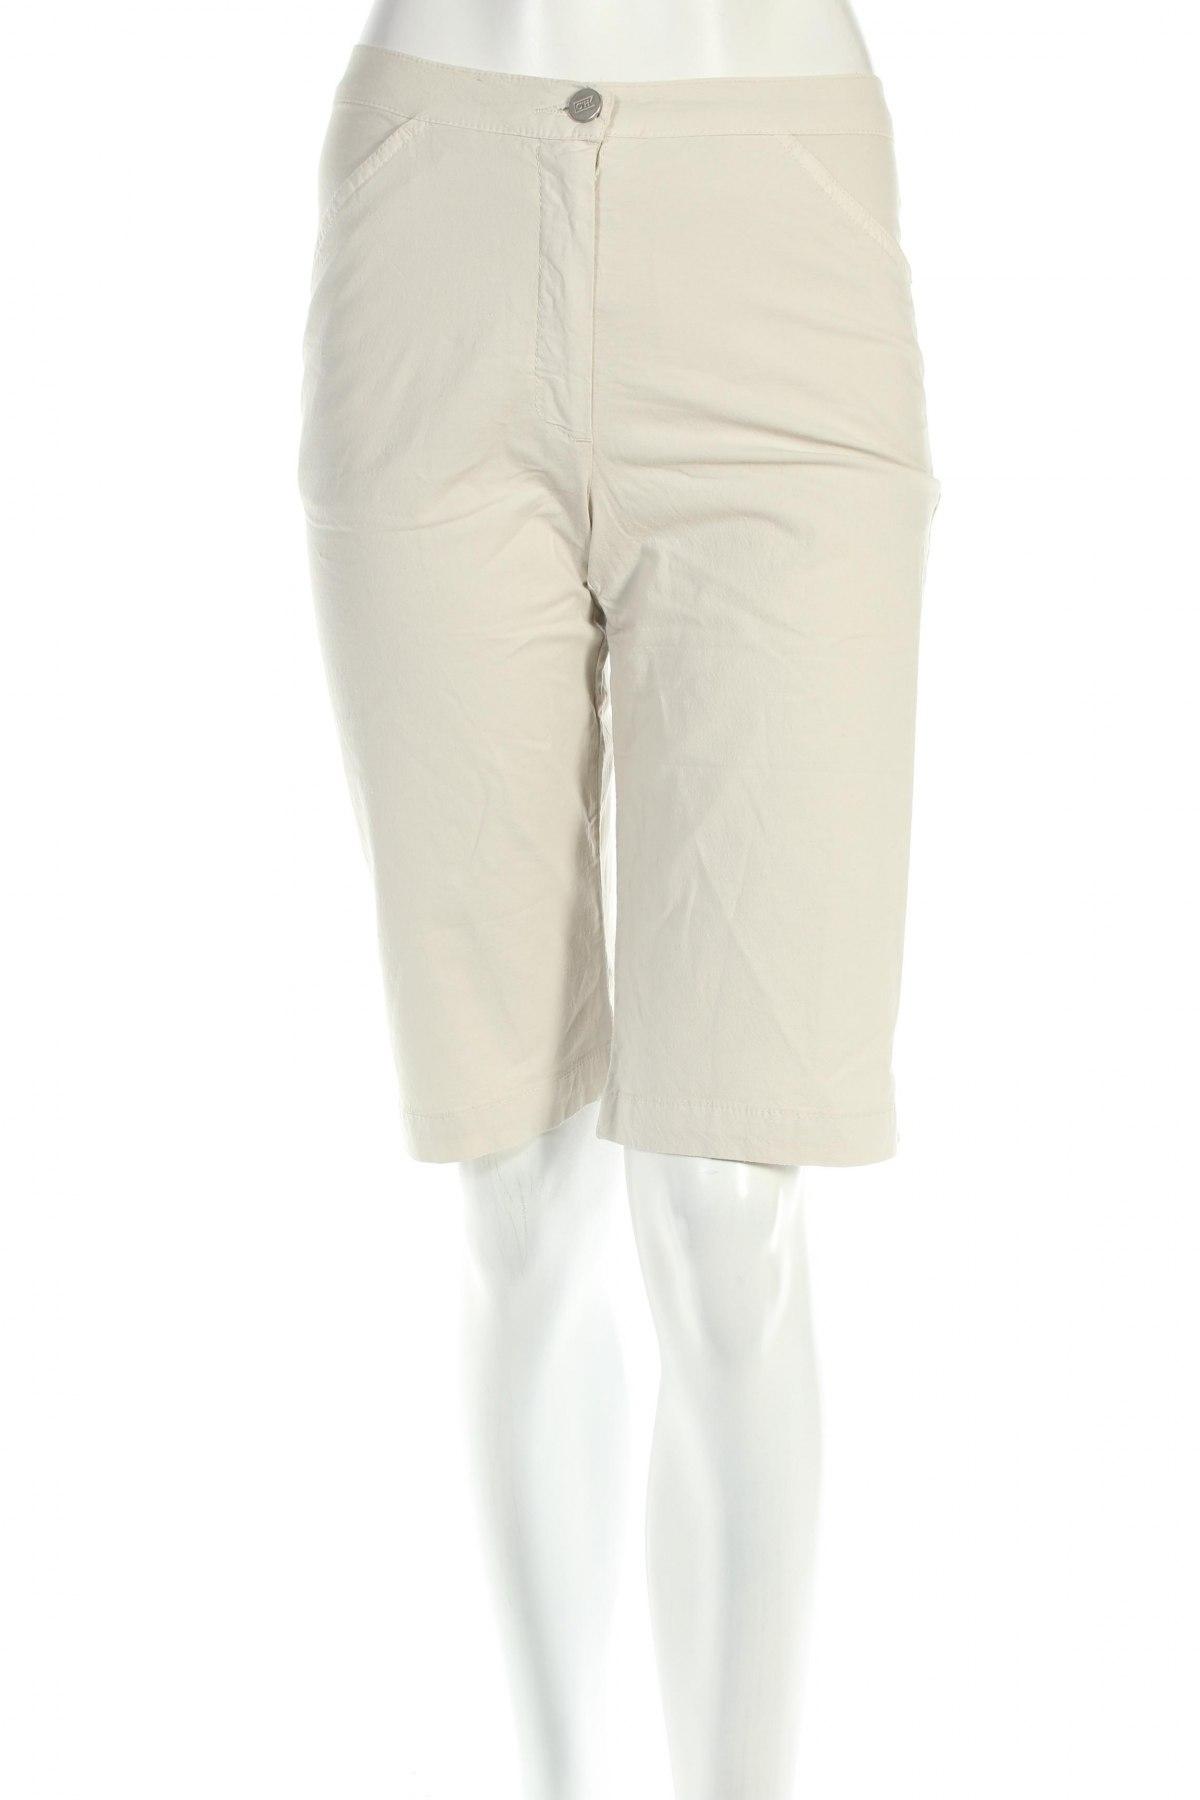 Γυναικείο κοντό παντελόνι PLOUMANAC'H, Μέγεθος S, Χρώμα Λευκό, 97% βαμβάκι, 3% ελαστάνη, Τιμή 13,71€